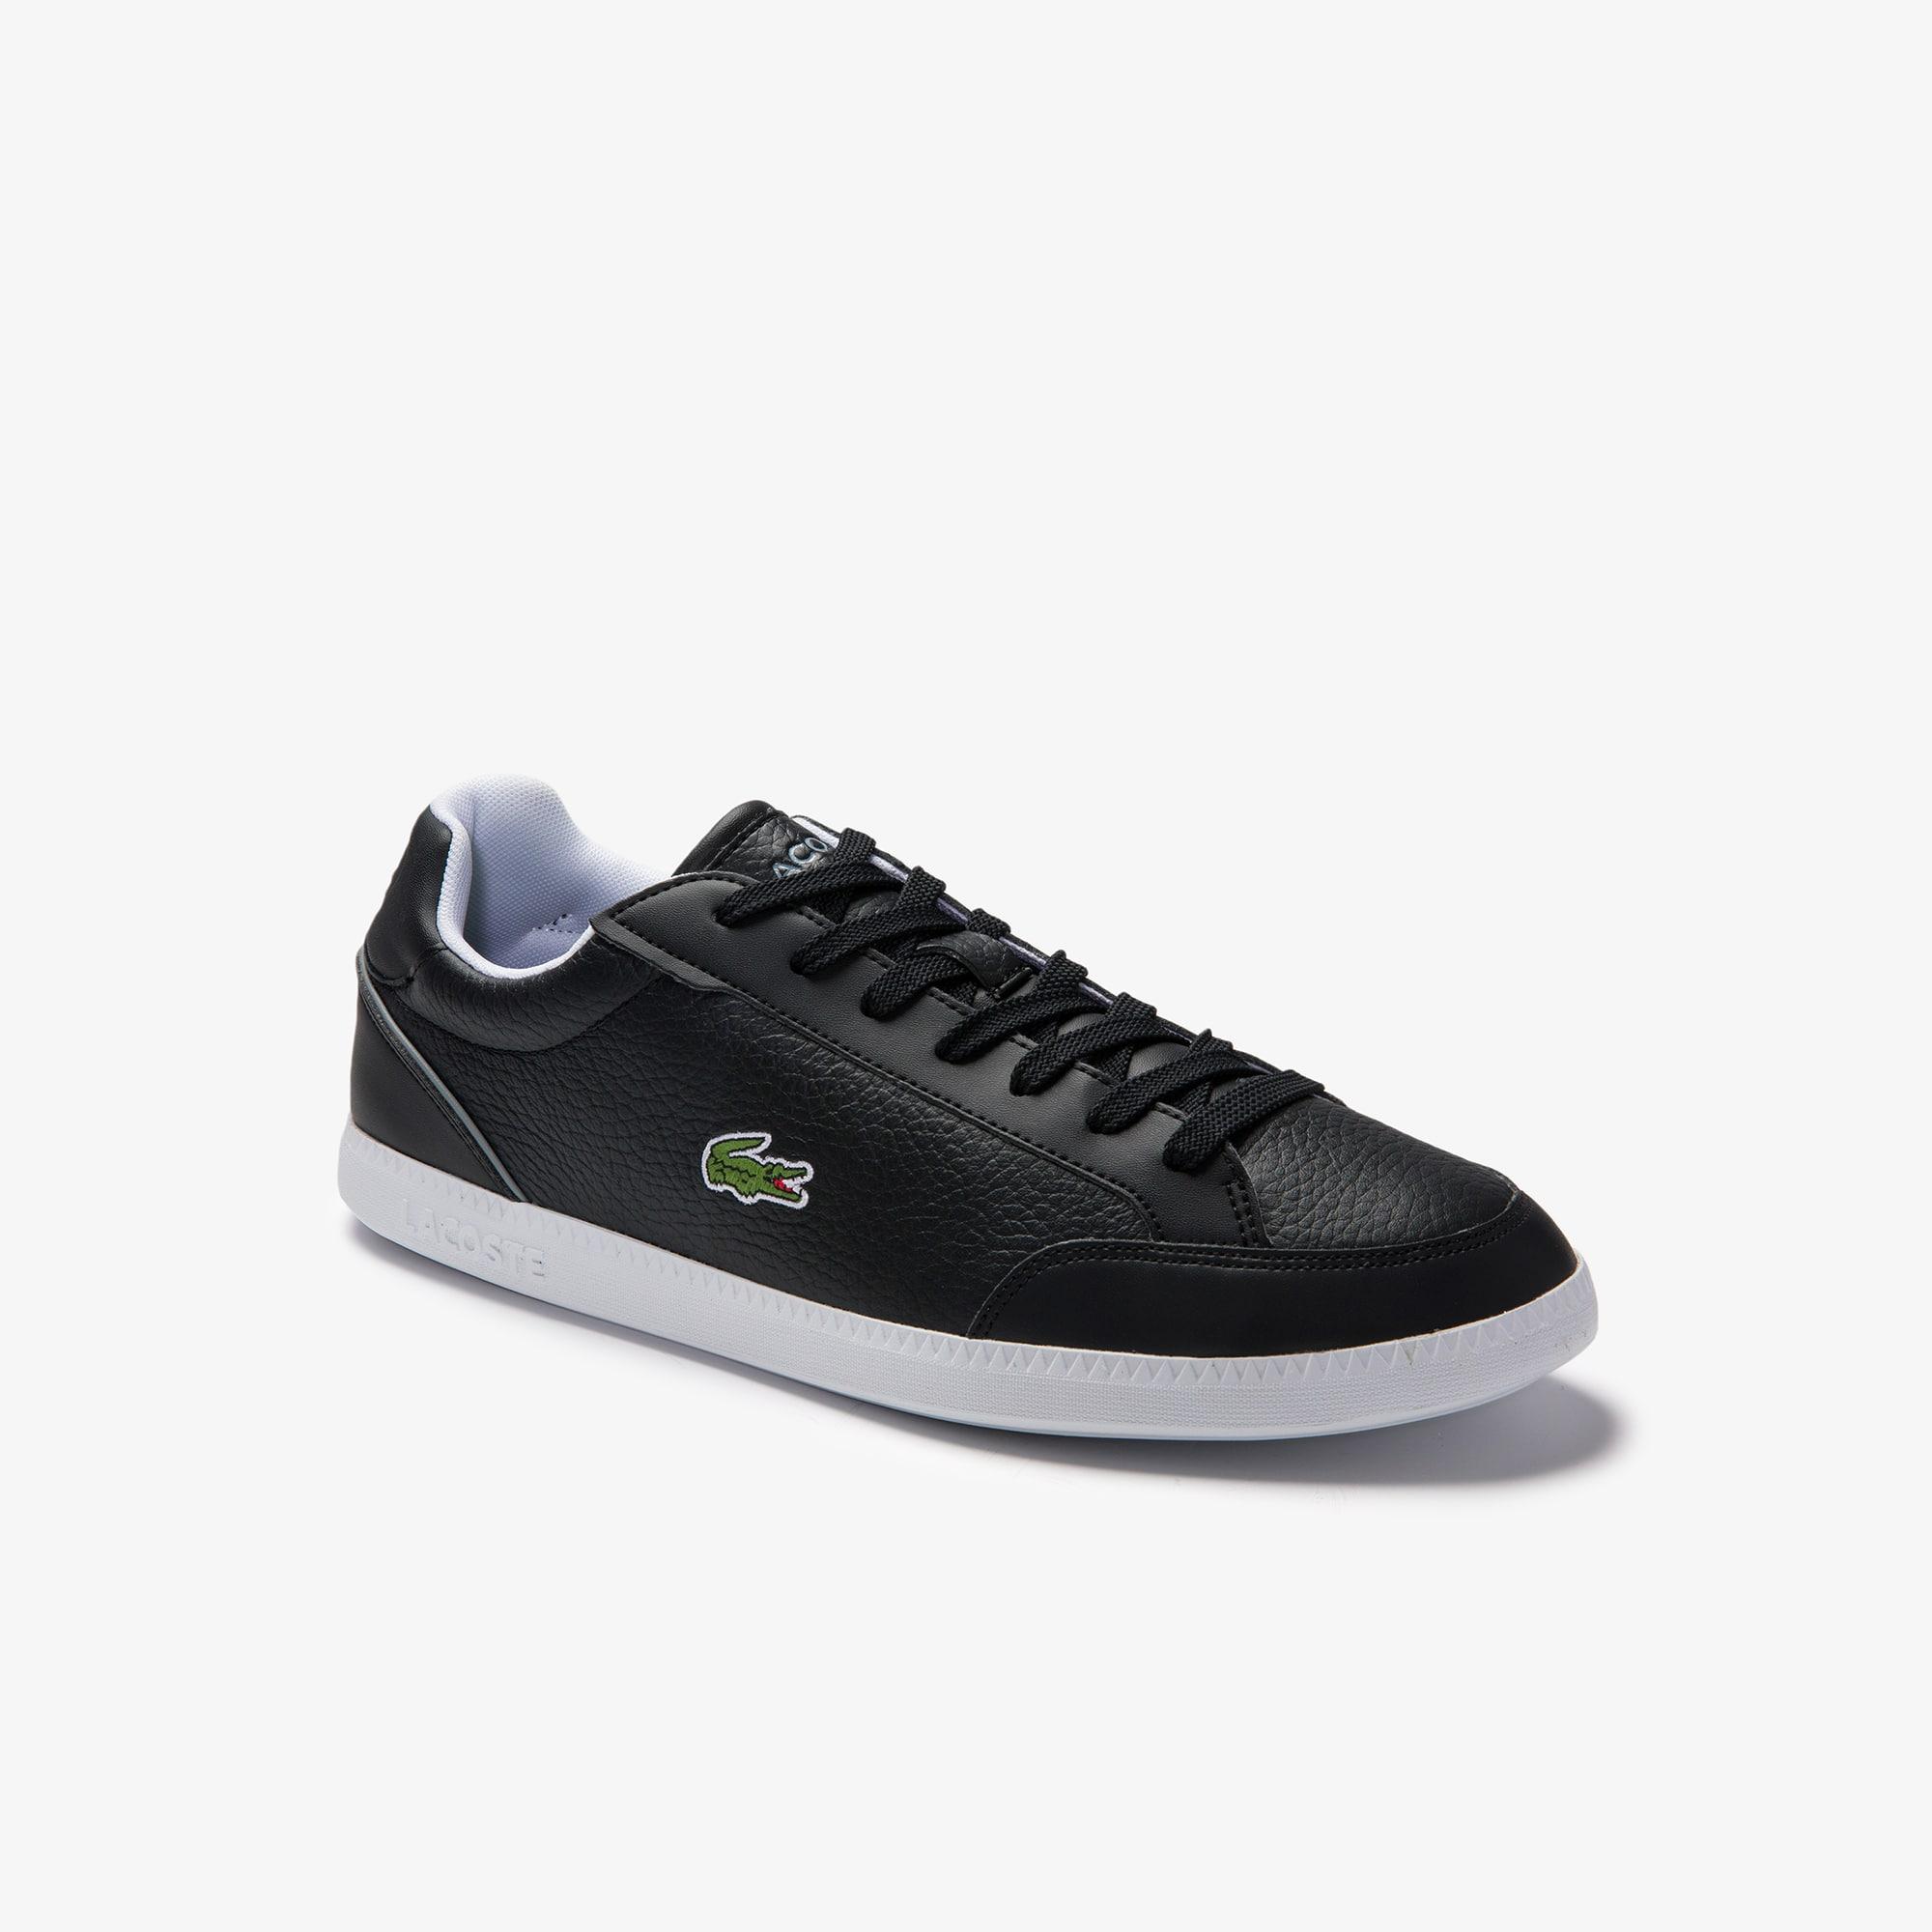 Men's Shoes | Shoes for Men | LACOSTE